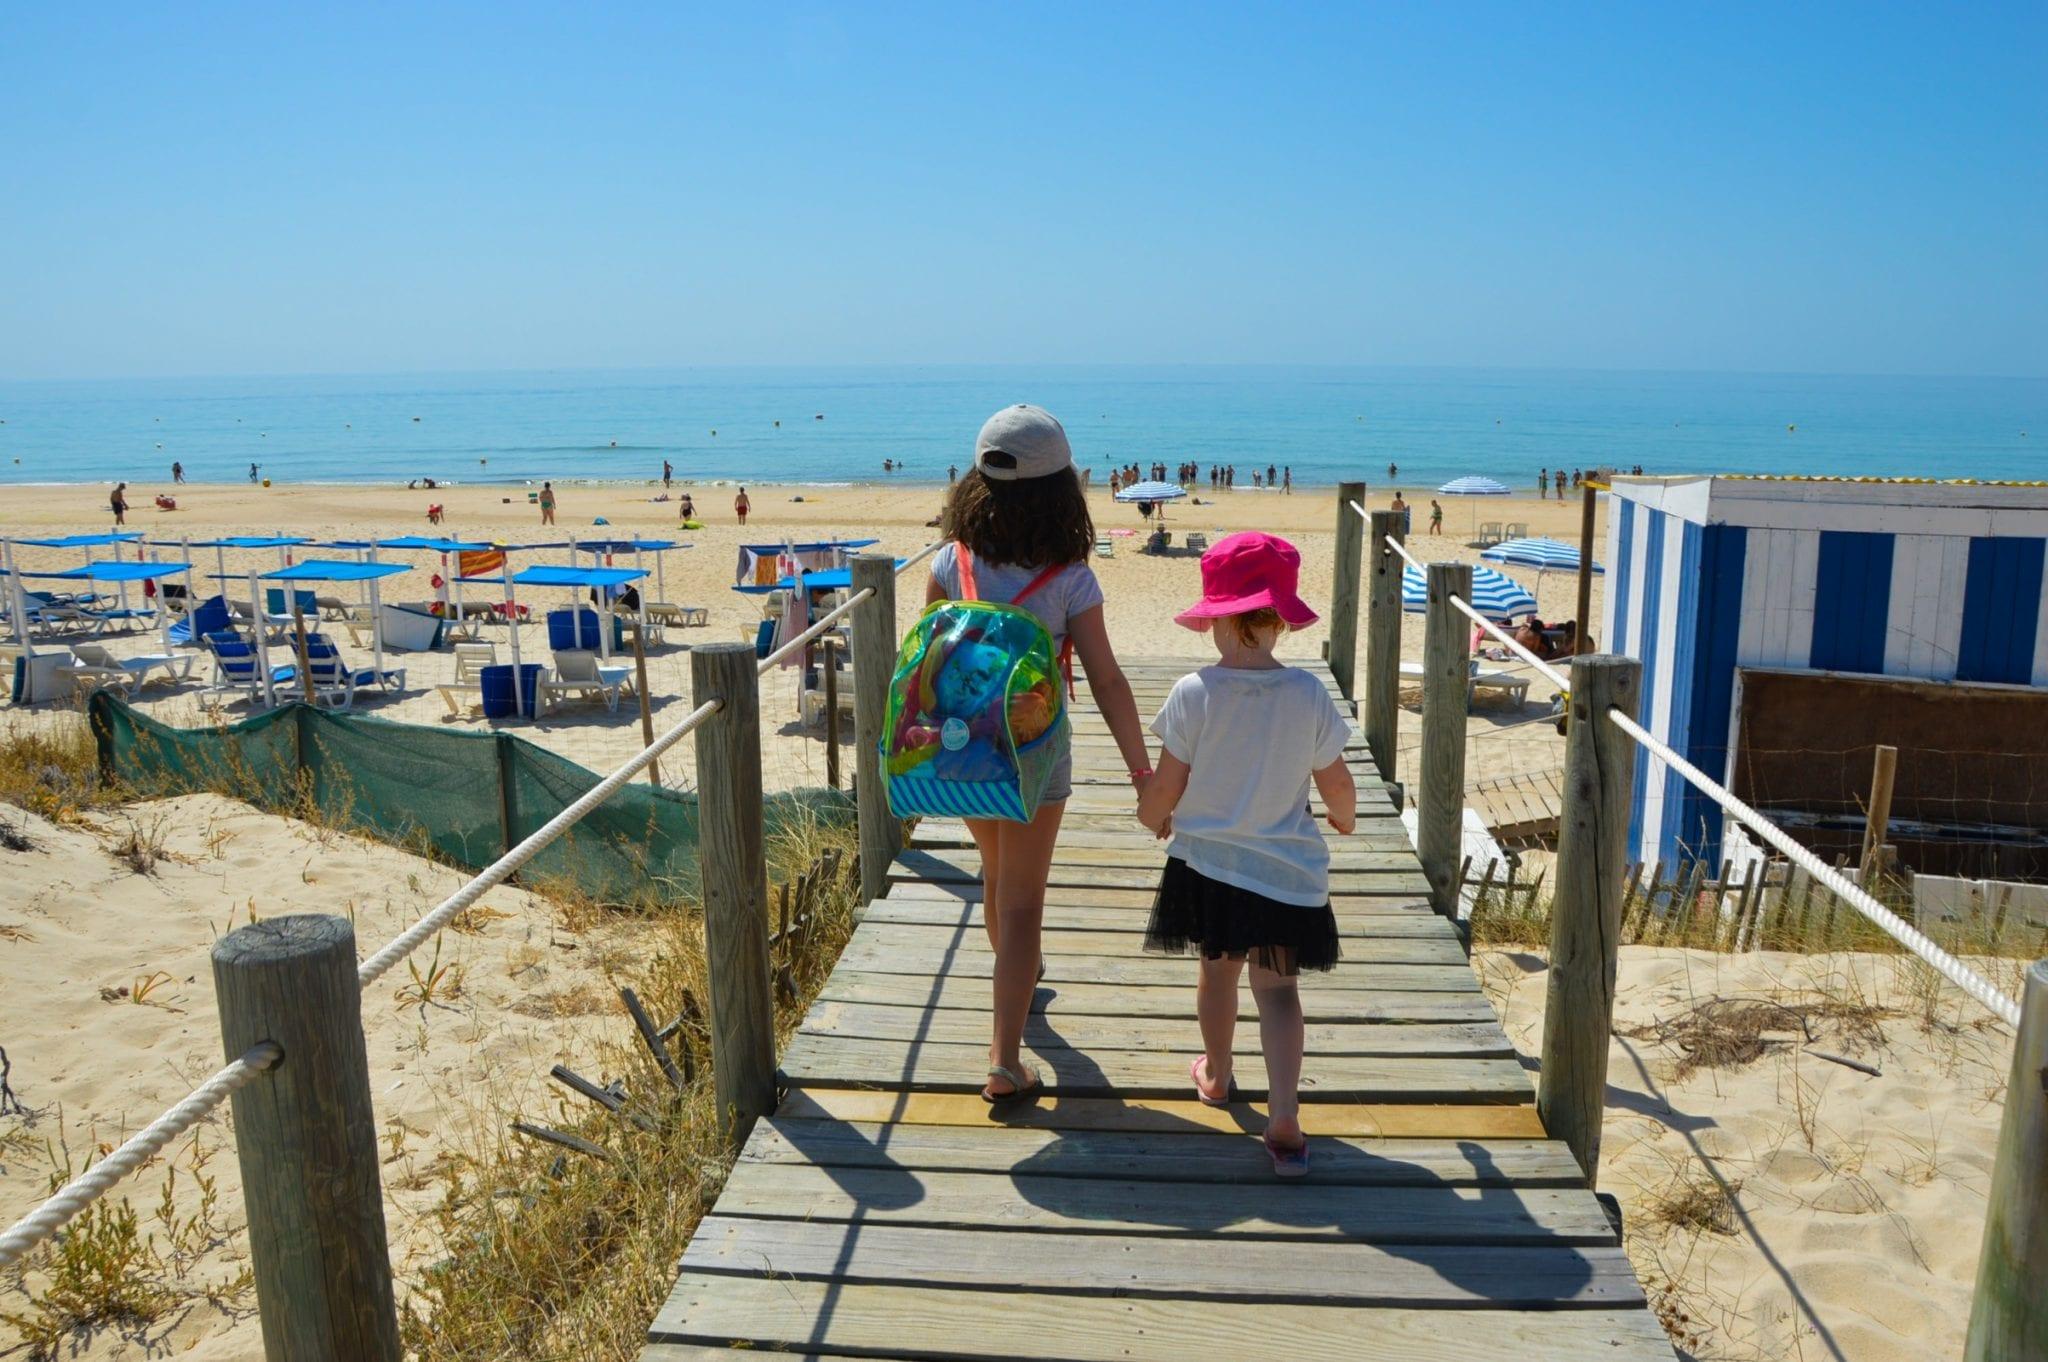 Ferias Portugal melhor destino para familias